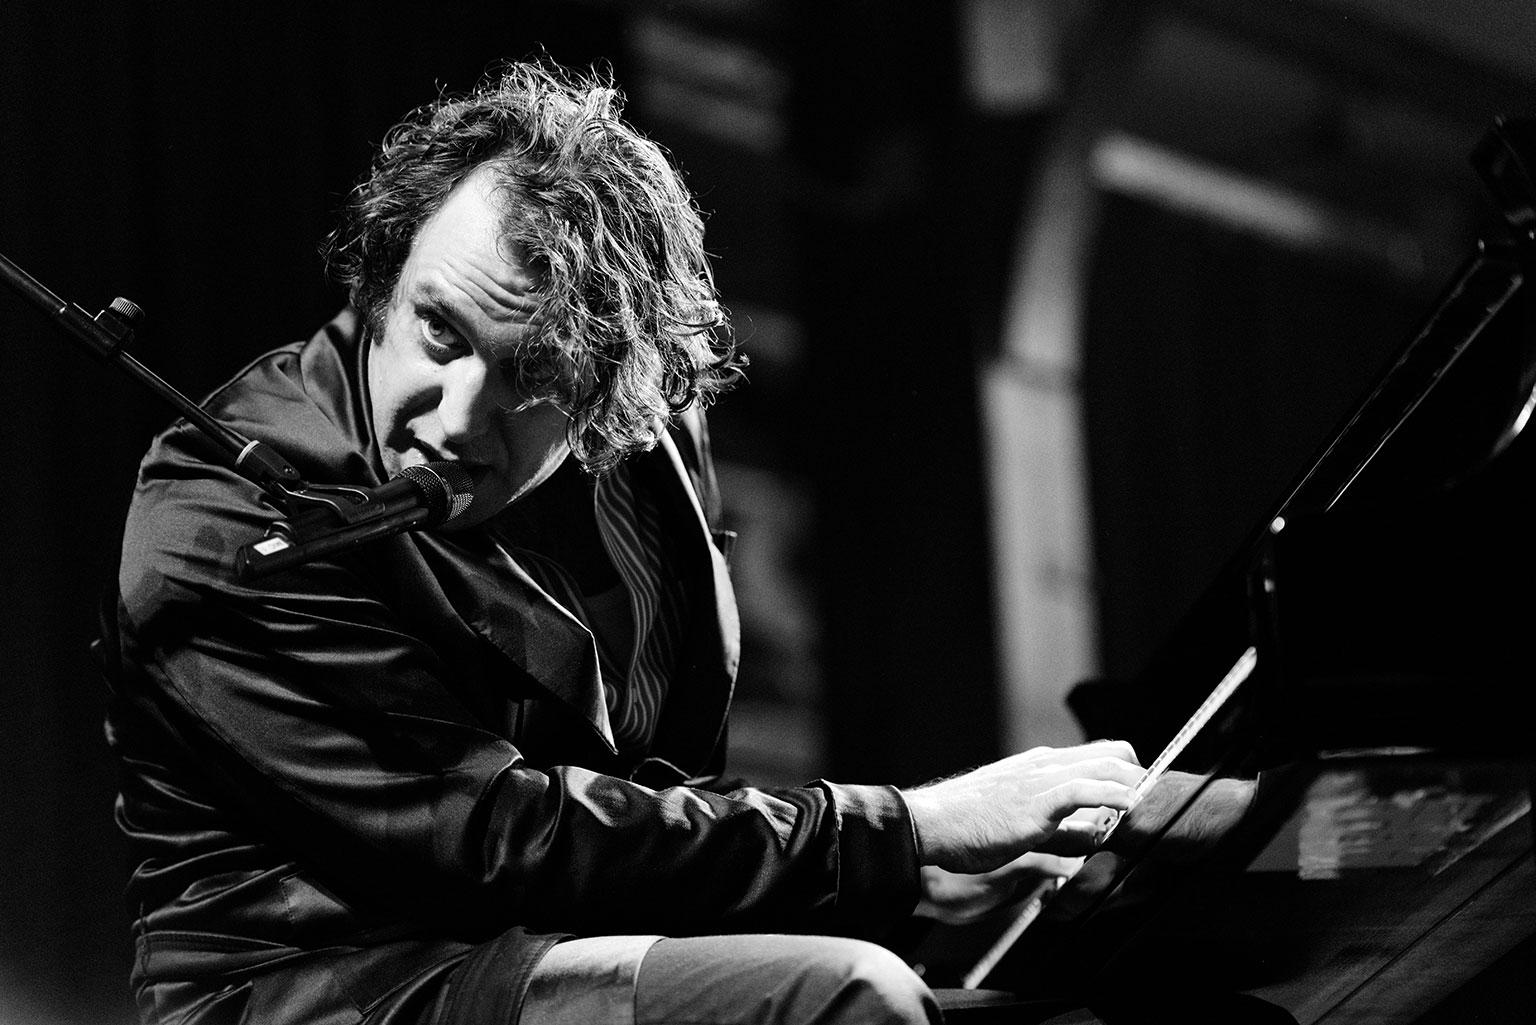 Photograph by Jens Schlenker/Elbjazz Festival